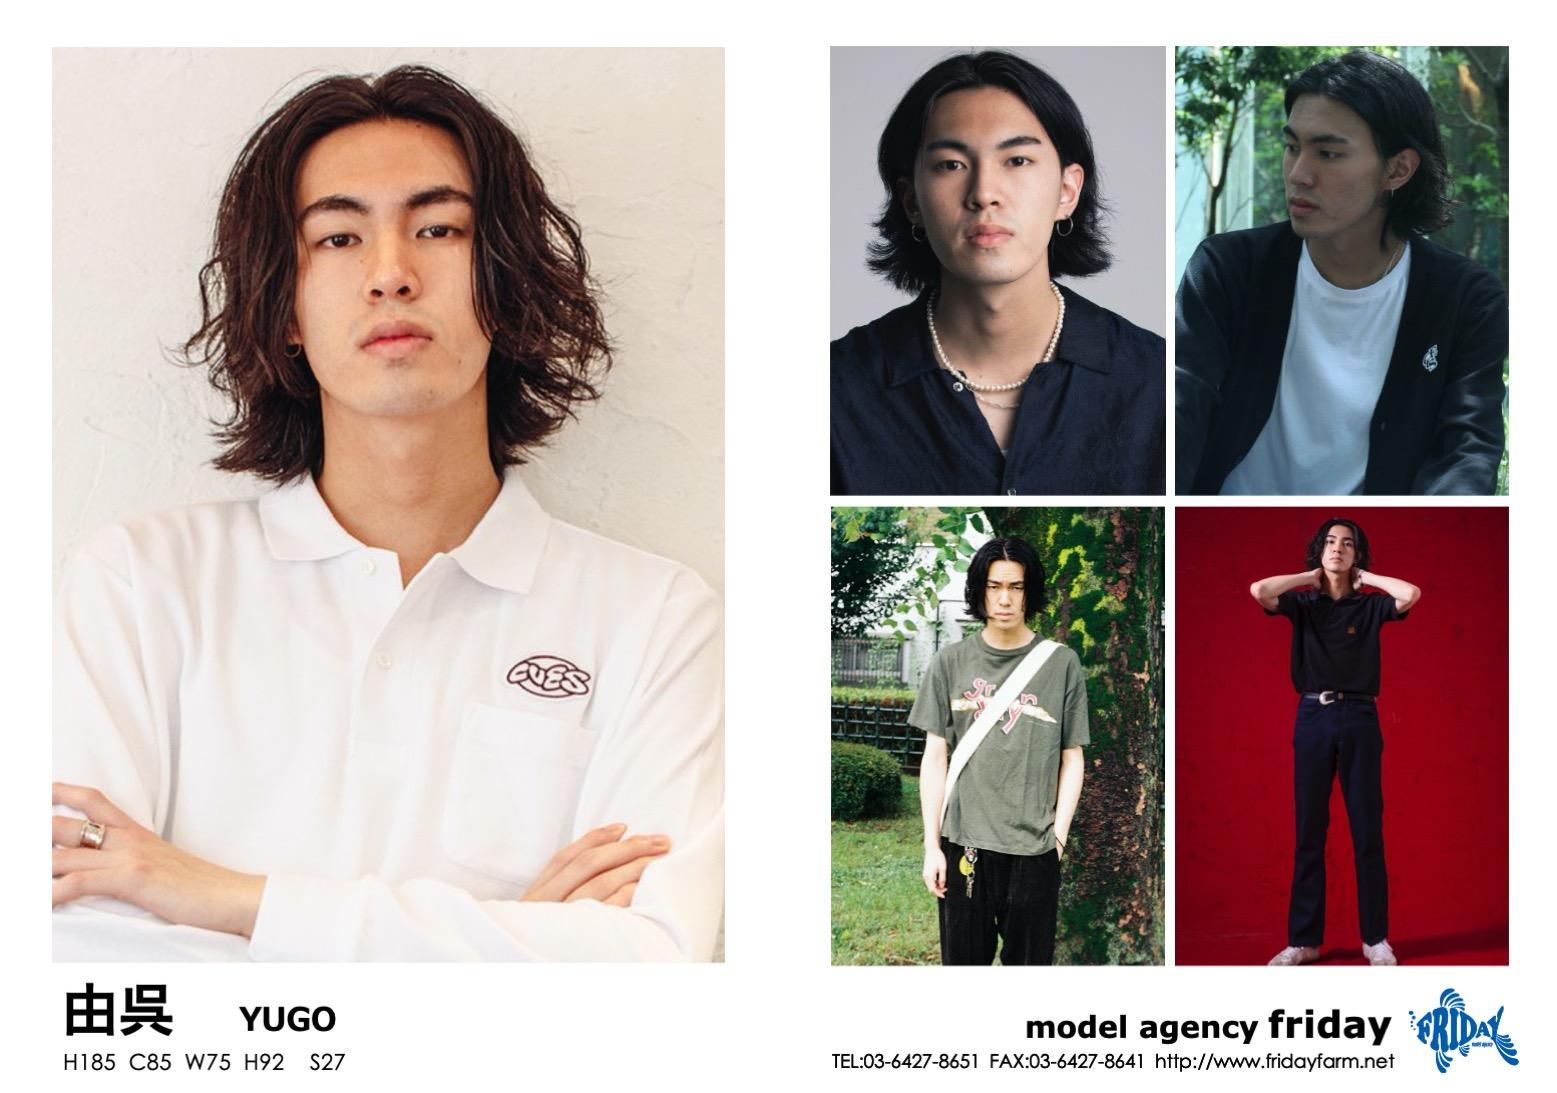 由呉 - YUGO | model agency friday